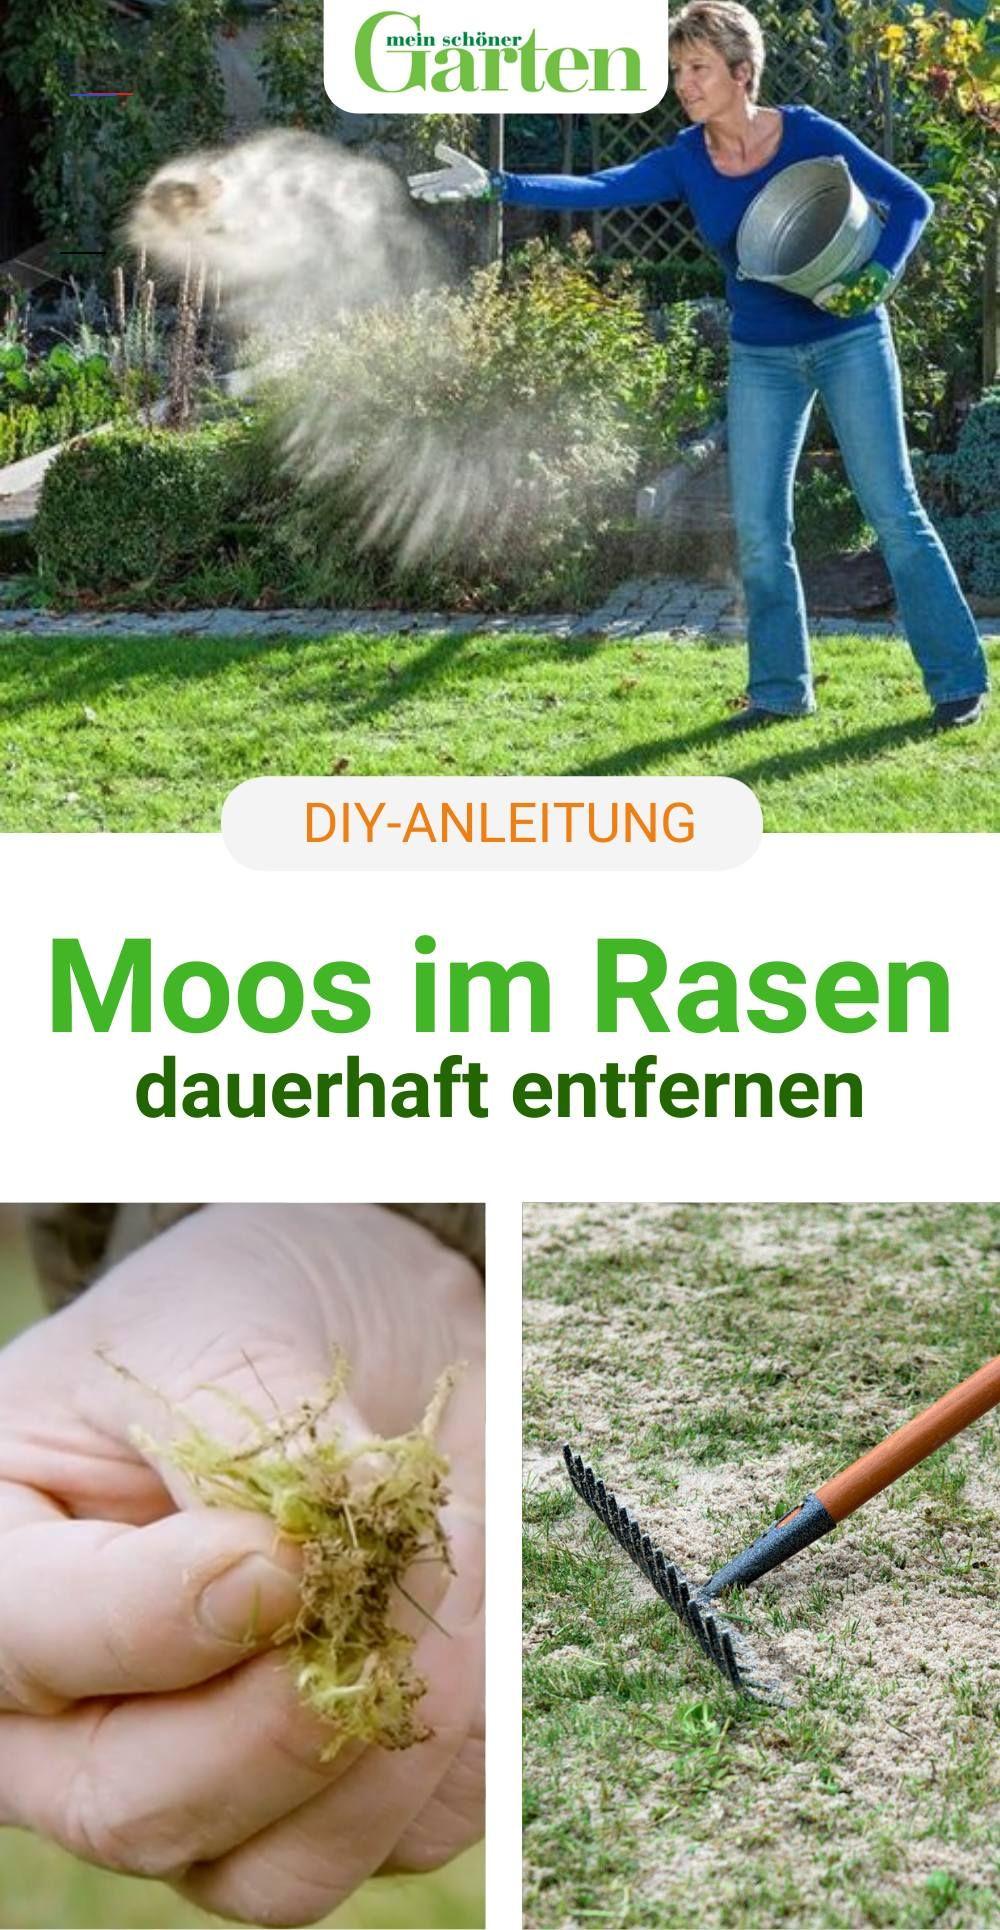 Fur Einen Gesunden Rasen Moos Entfernen Hausdeko Damit Der Rasen Moos Und Unkrautfrei Bleibt Reicht Es Nicht Die Pflanzen R Gazon Gezond Balkon Ideeen